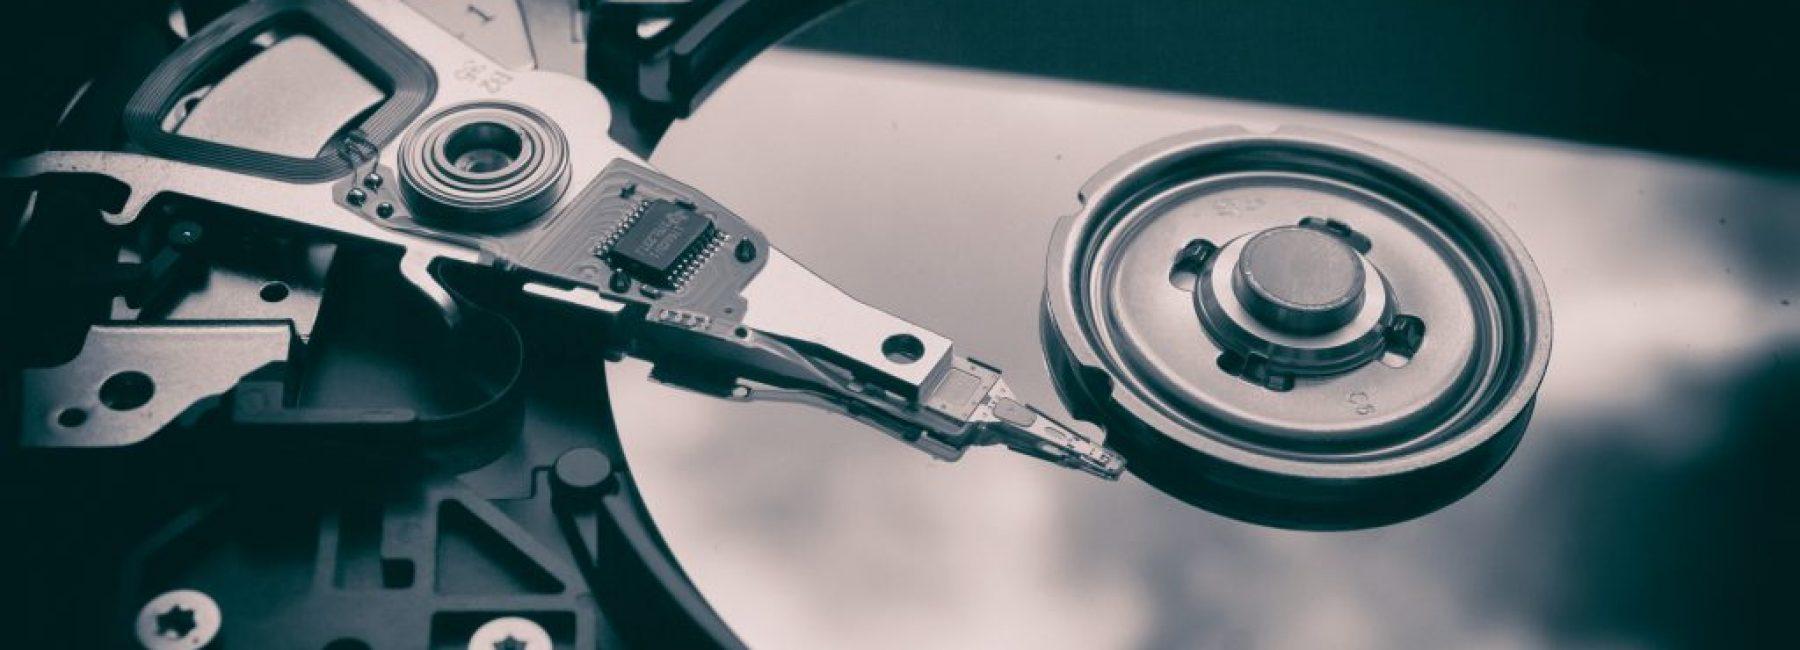 récupération de données disque dur strasbourg